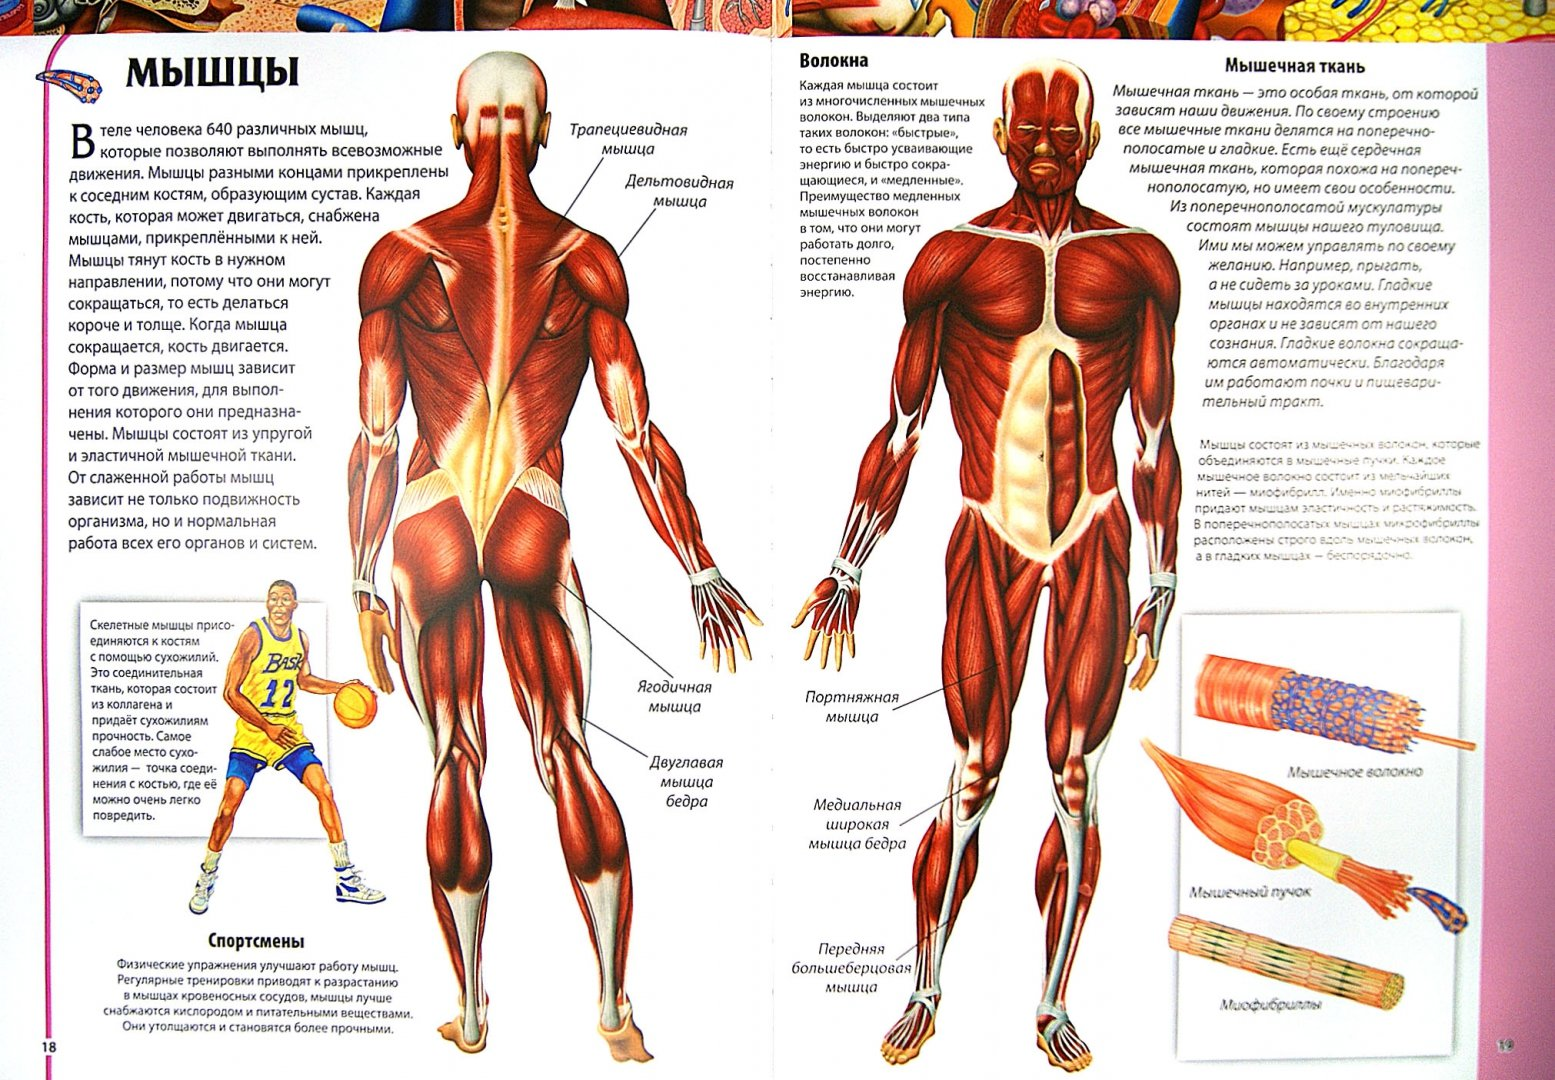 Иллюстрация 1 из 52 для Детский атлас анатомии - Винченцо Гуиди   Лабиринт - книги. Источник: Лабиринт